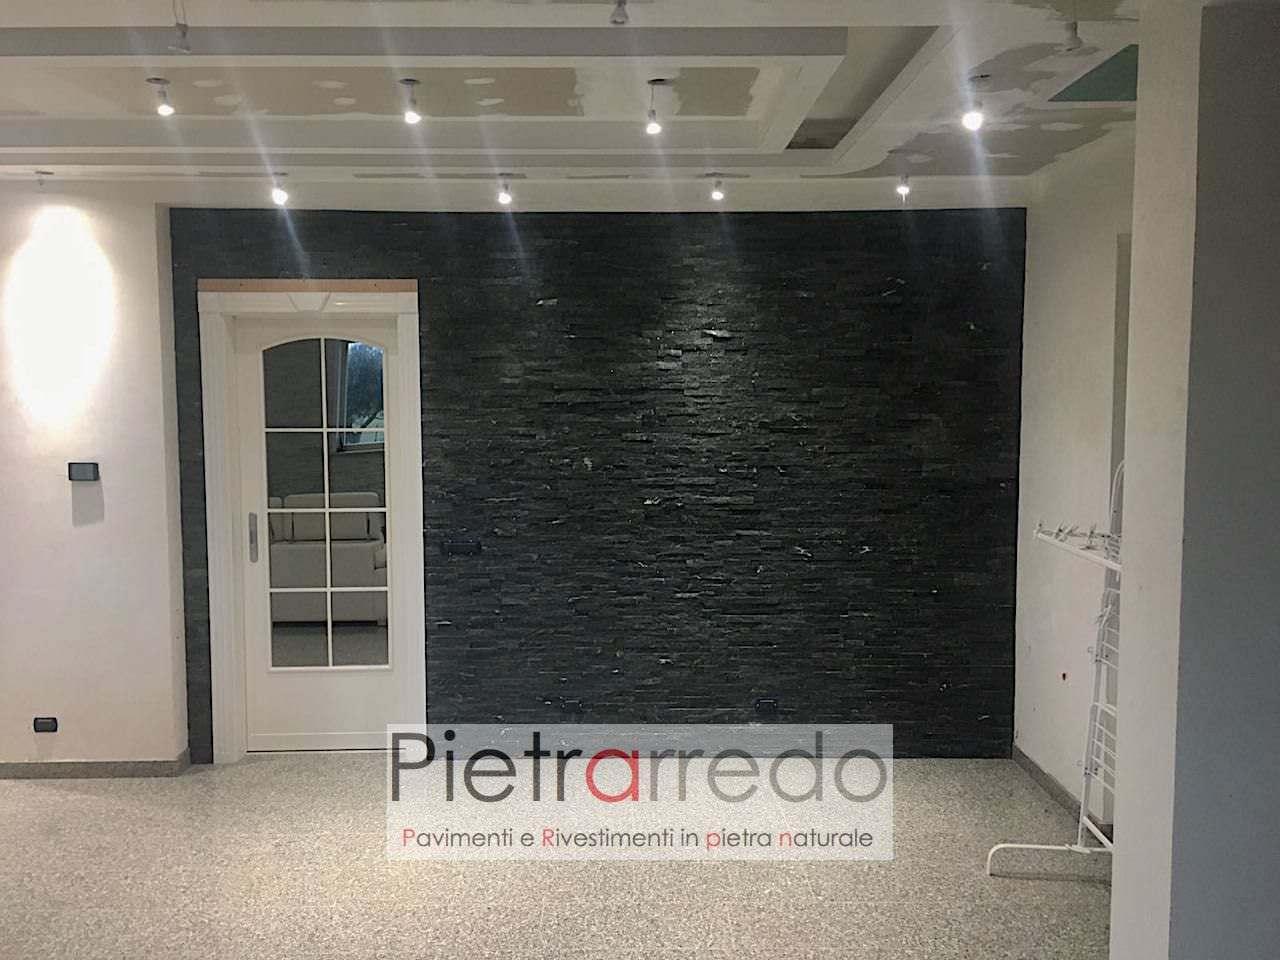 Rivestimento Pietra Quarzite Nera -50% - Pietrarredo A € 48,90/MQ